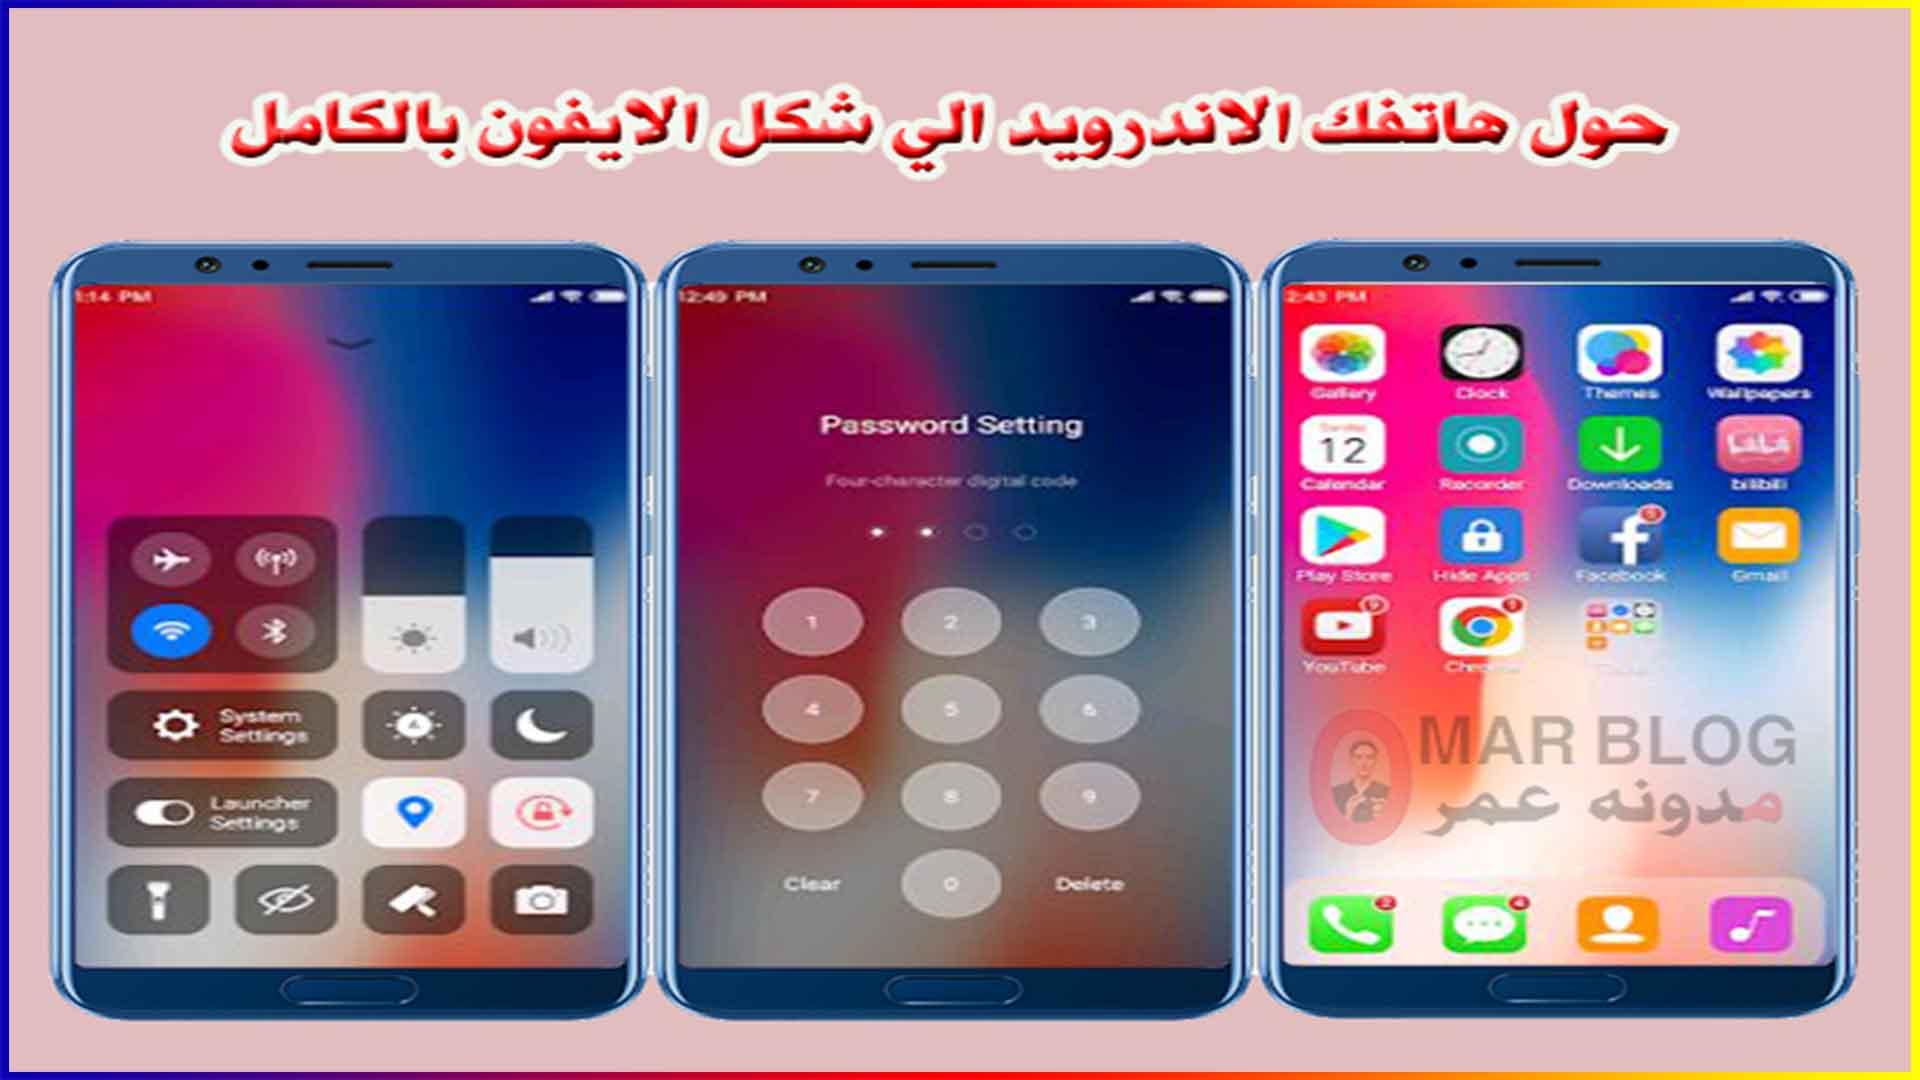 أجمل واقوى التطبيقات لتغيير شكل الهاتف بالكامل الى شكل جميل جدا .